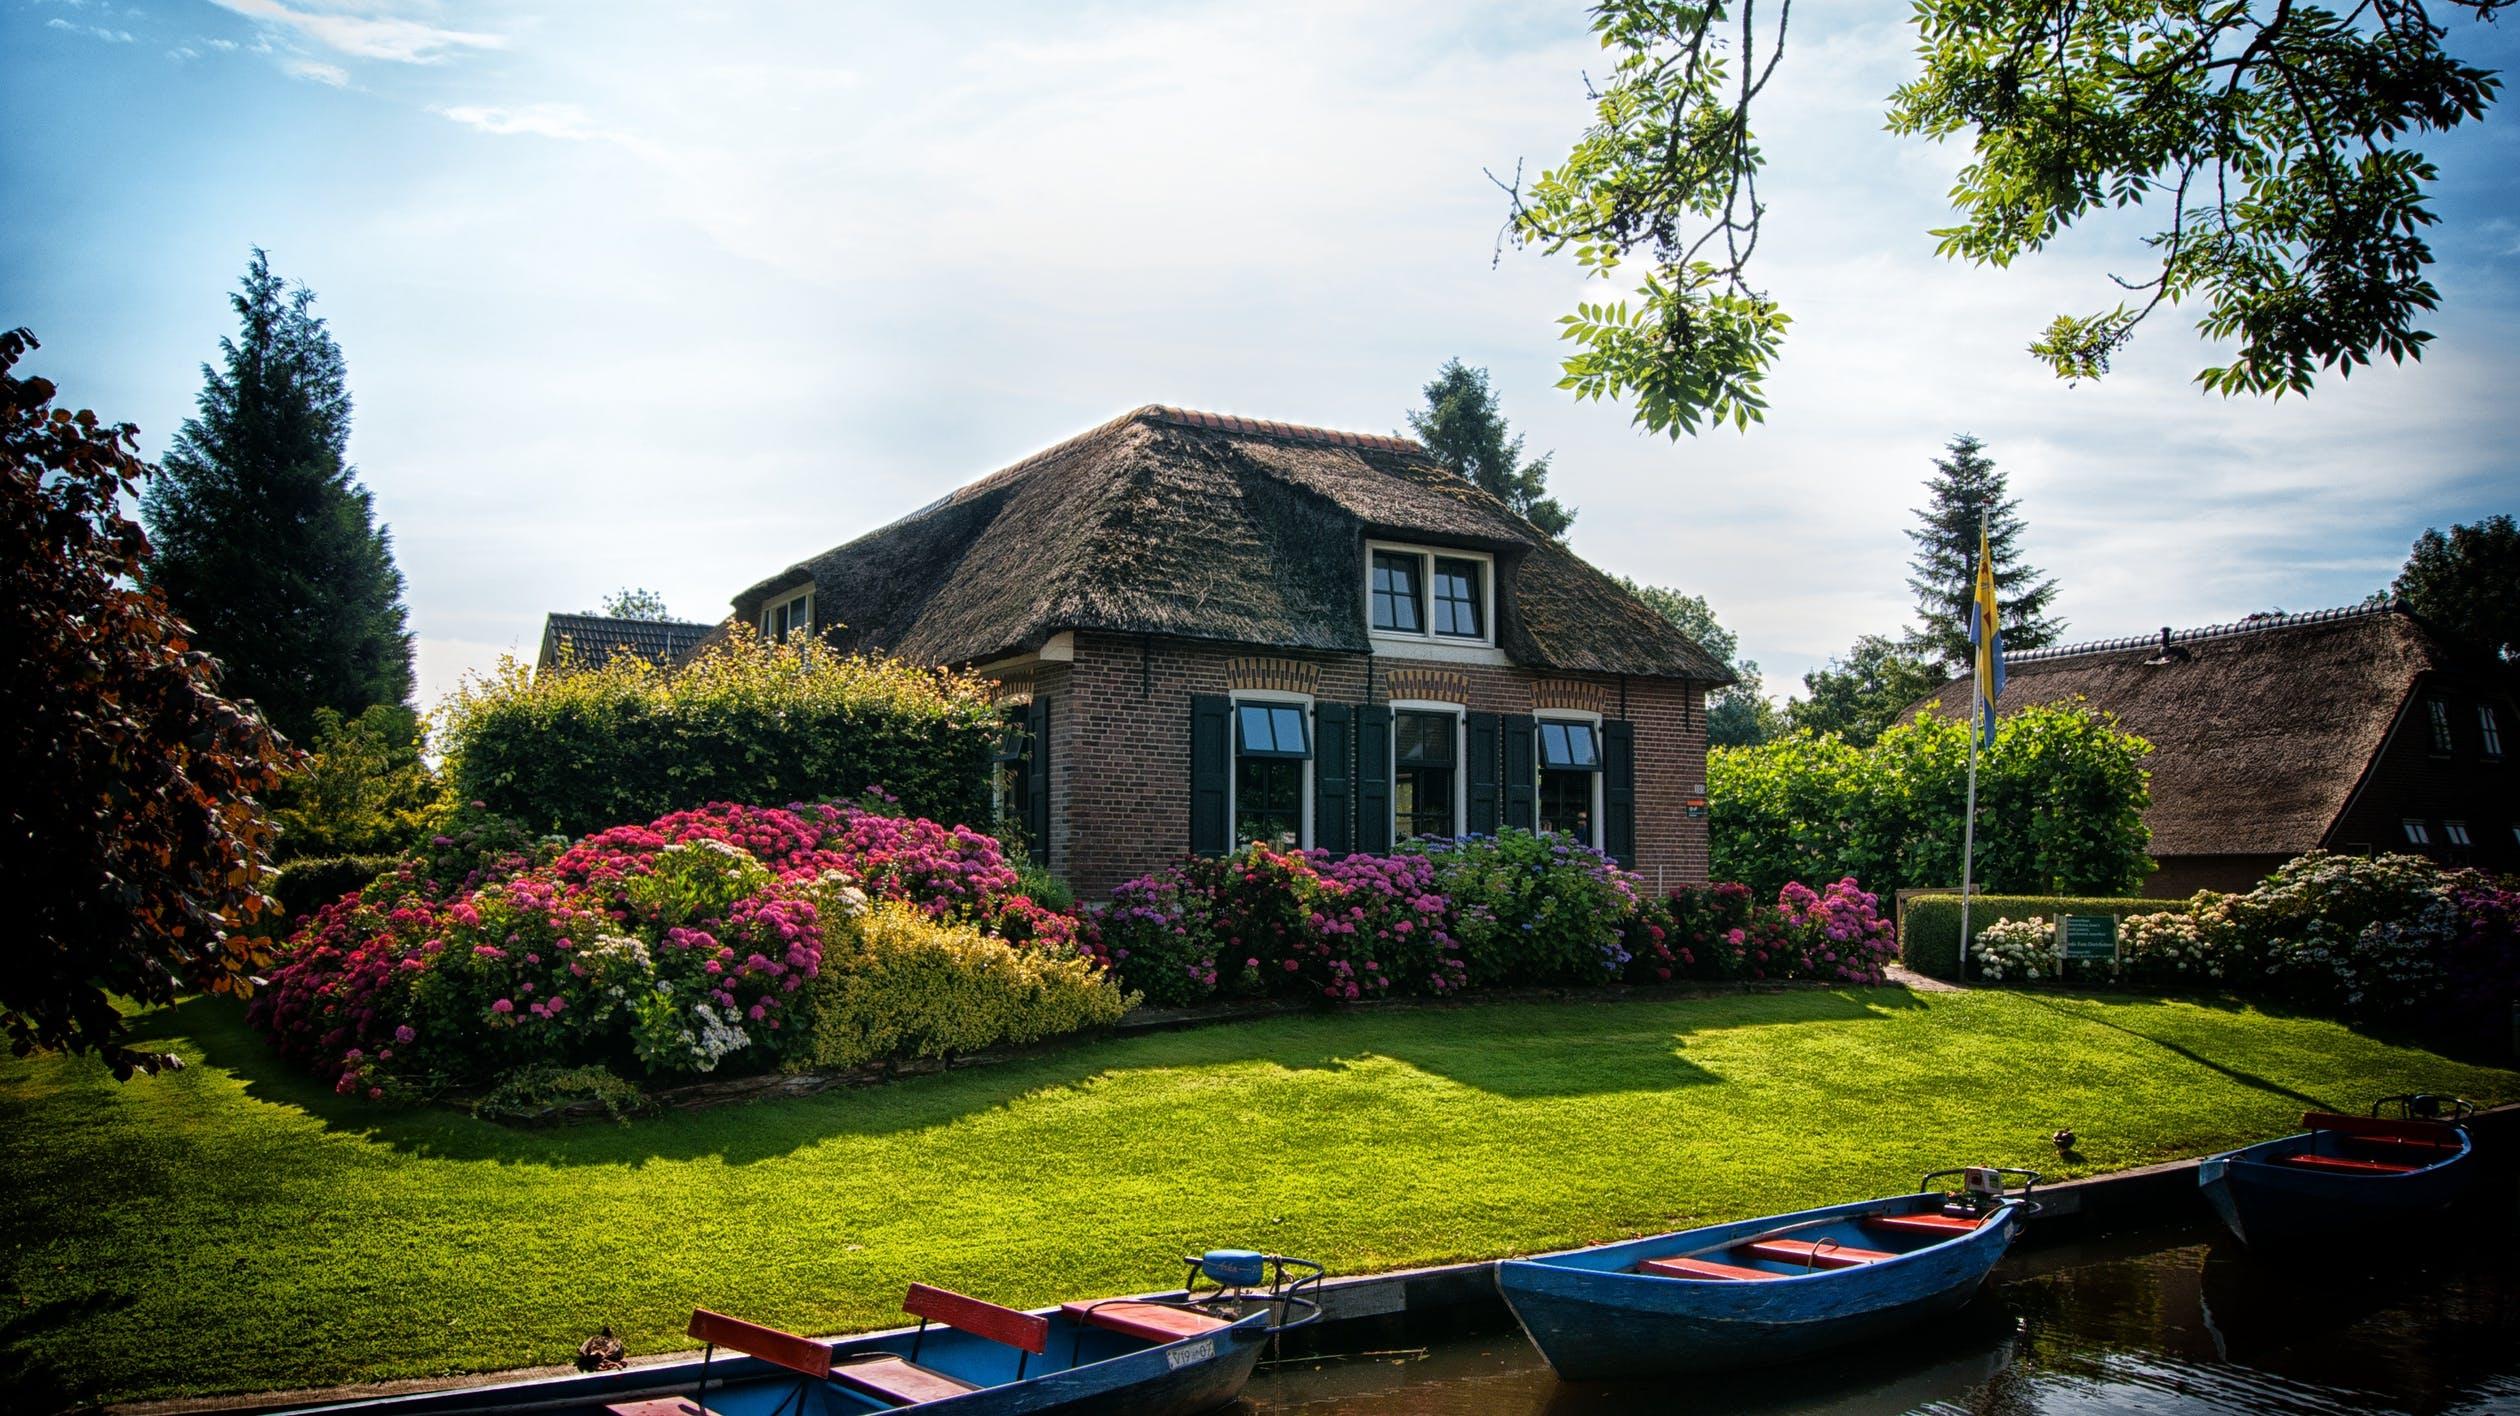 Jak urządzić ogród przed wejściem do domu?